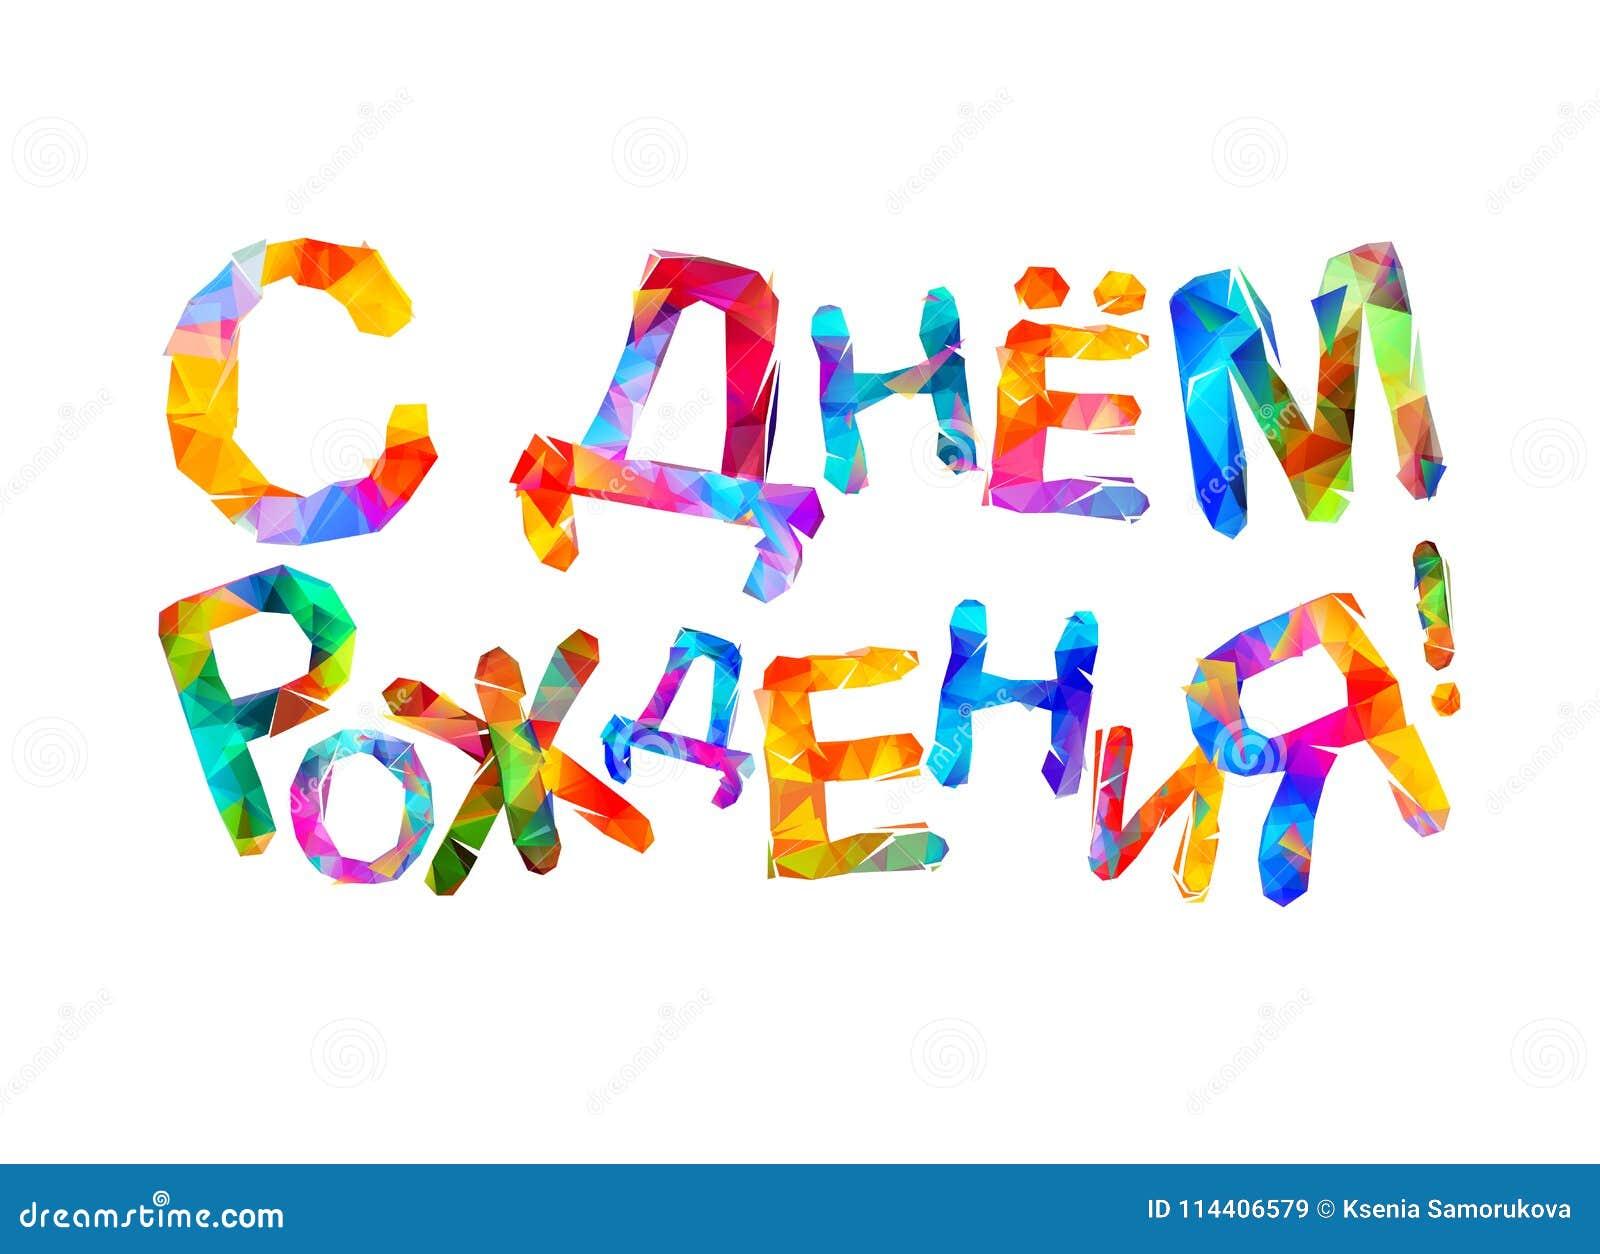 Alles Gute Zum Geburtstag Russische Sprache Dreieckige Buchstaben